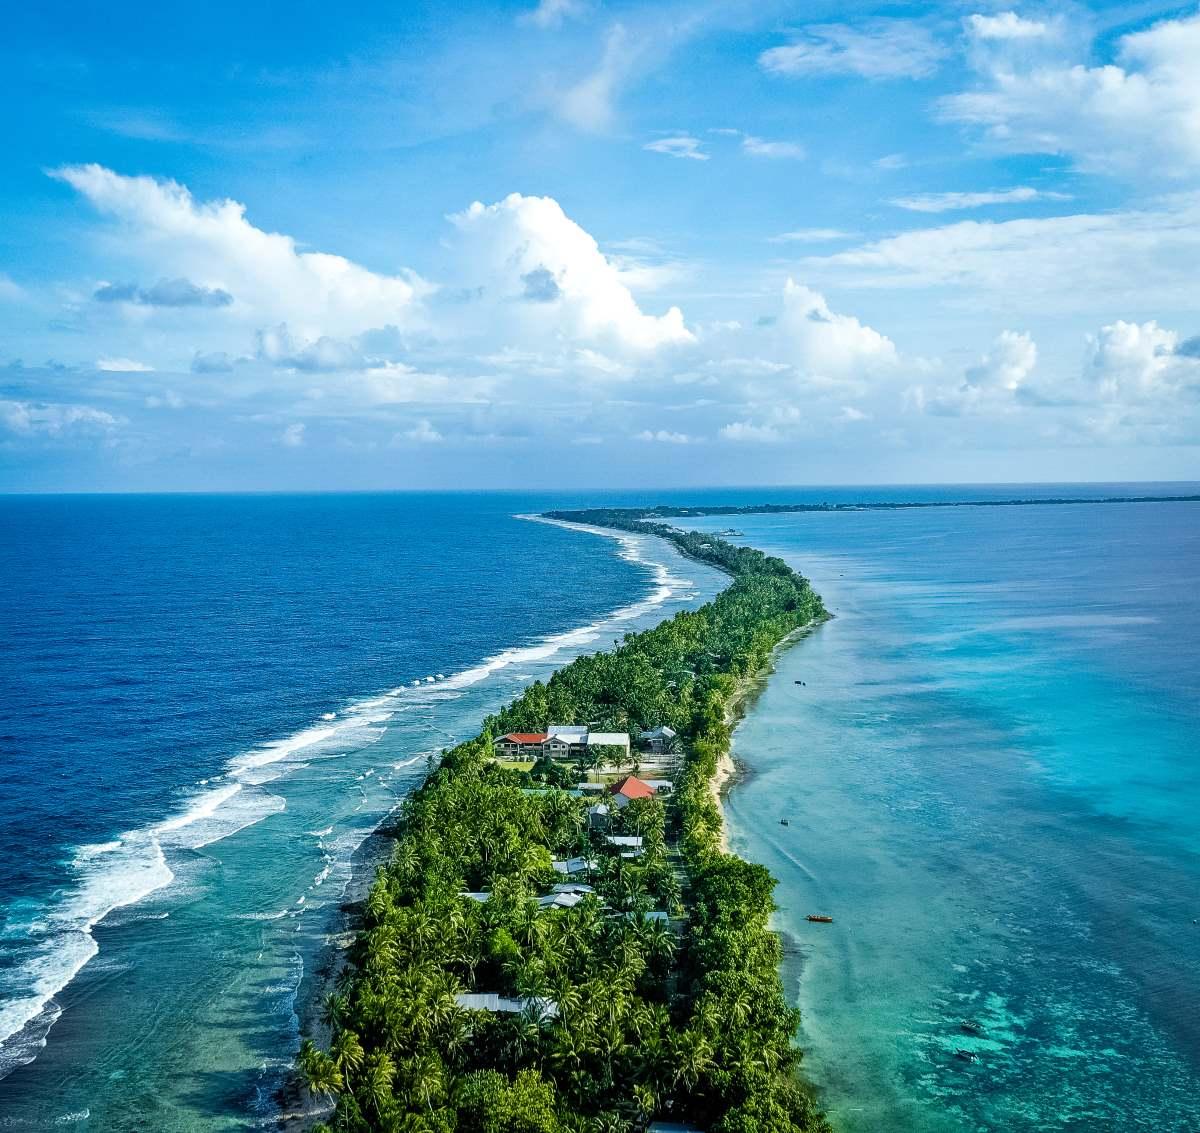 Νησί Τουβαλού, Ειρηνικός ωκεανός